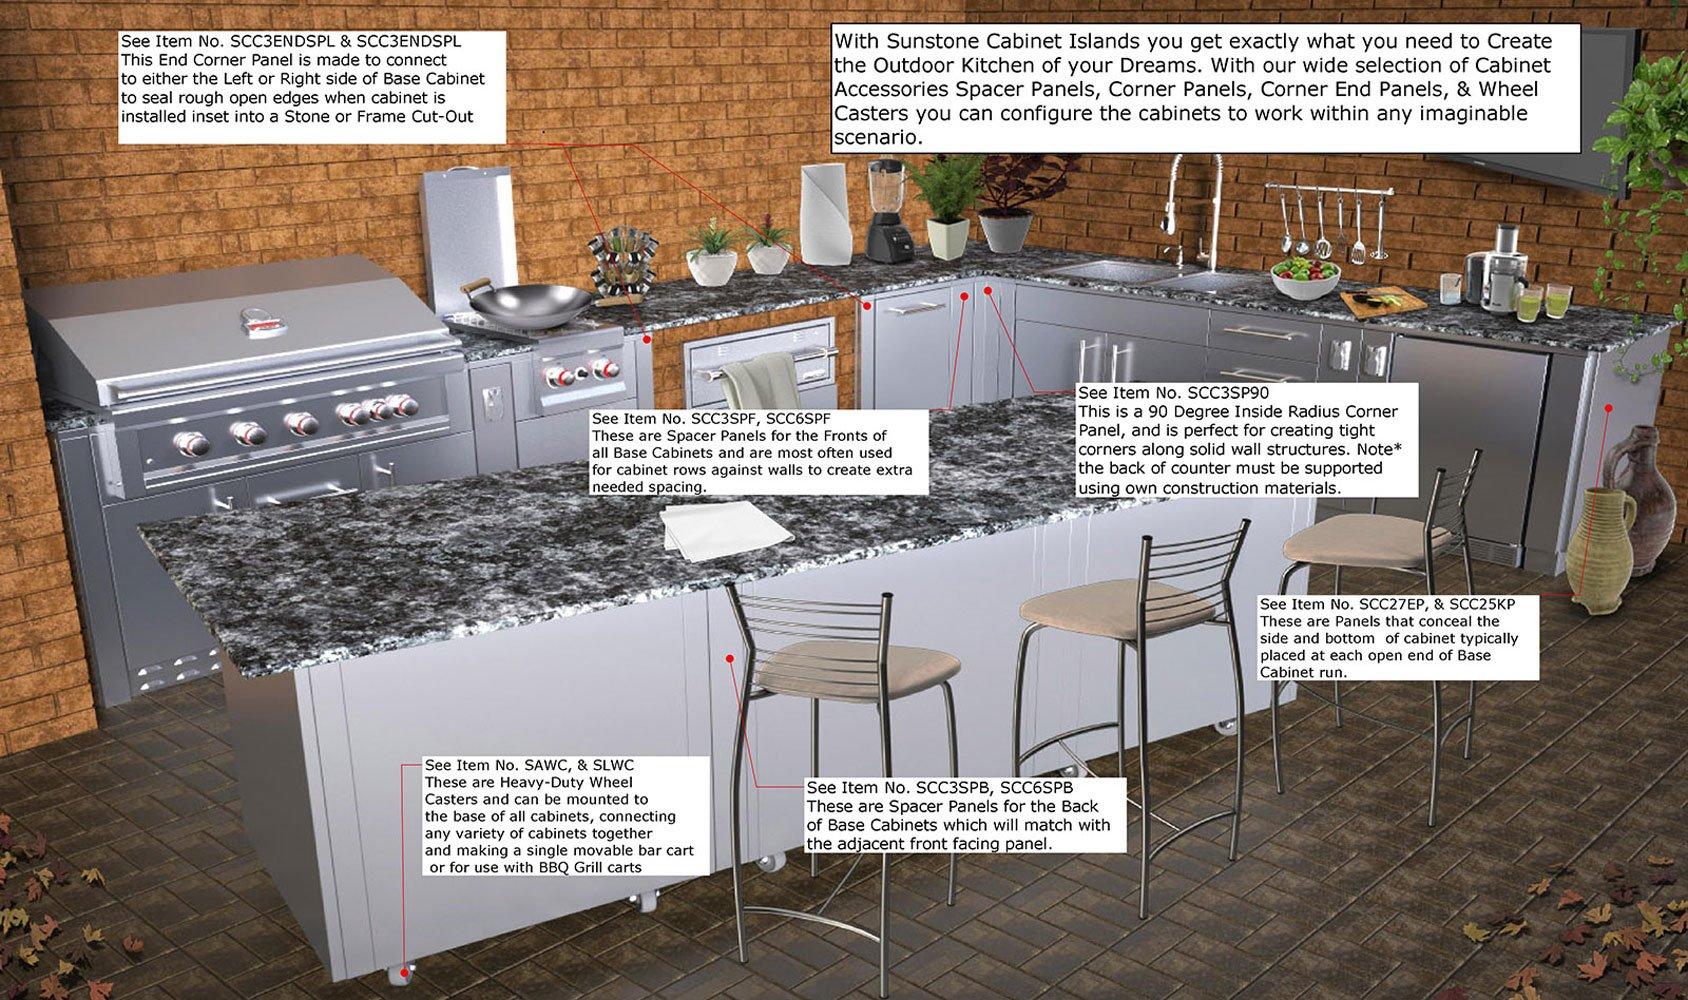 SUNSTONE SCC27EP Designer Series Cabinet Accessories